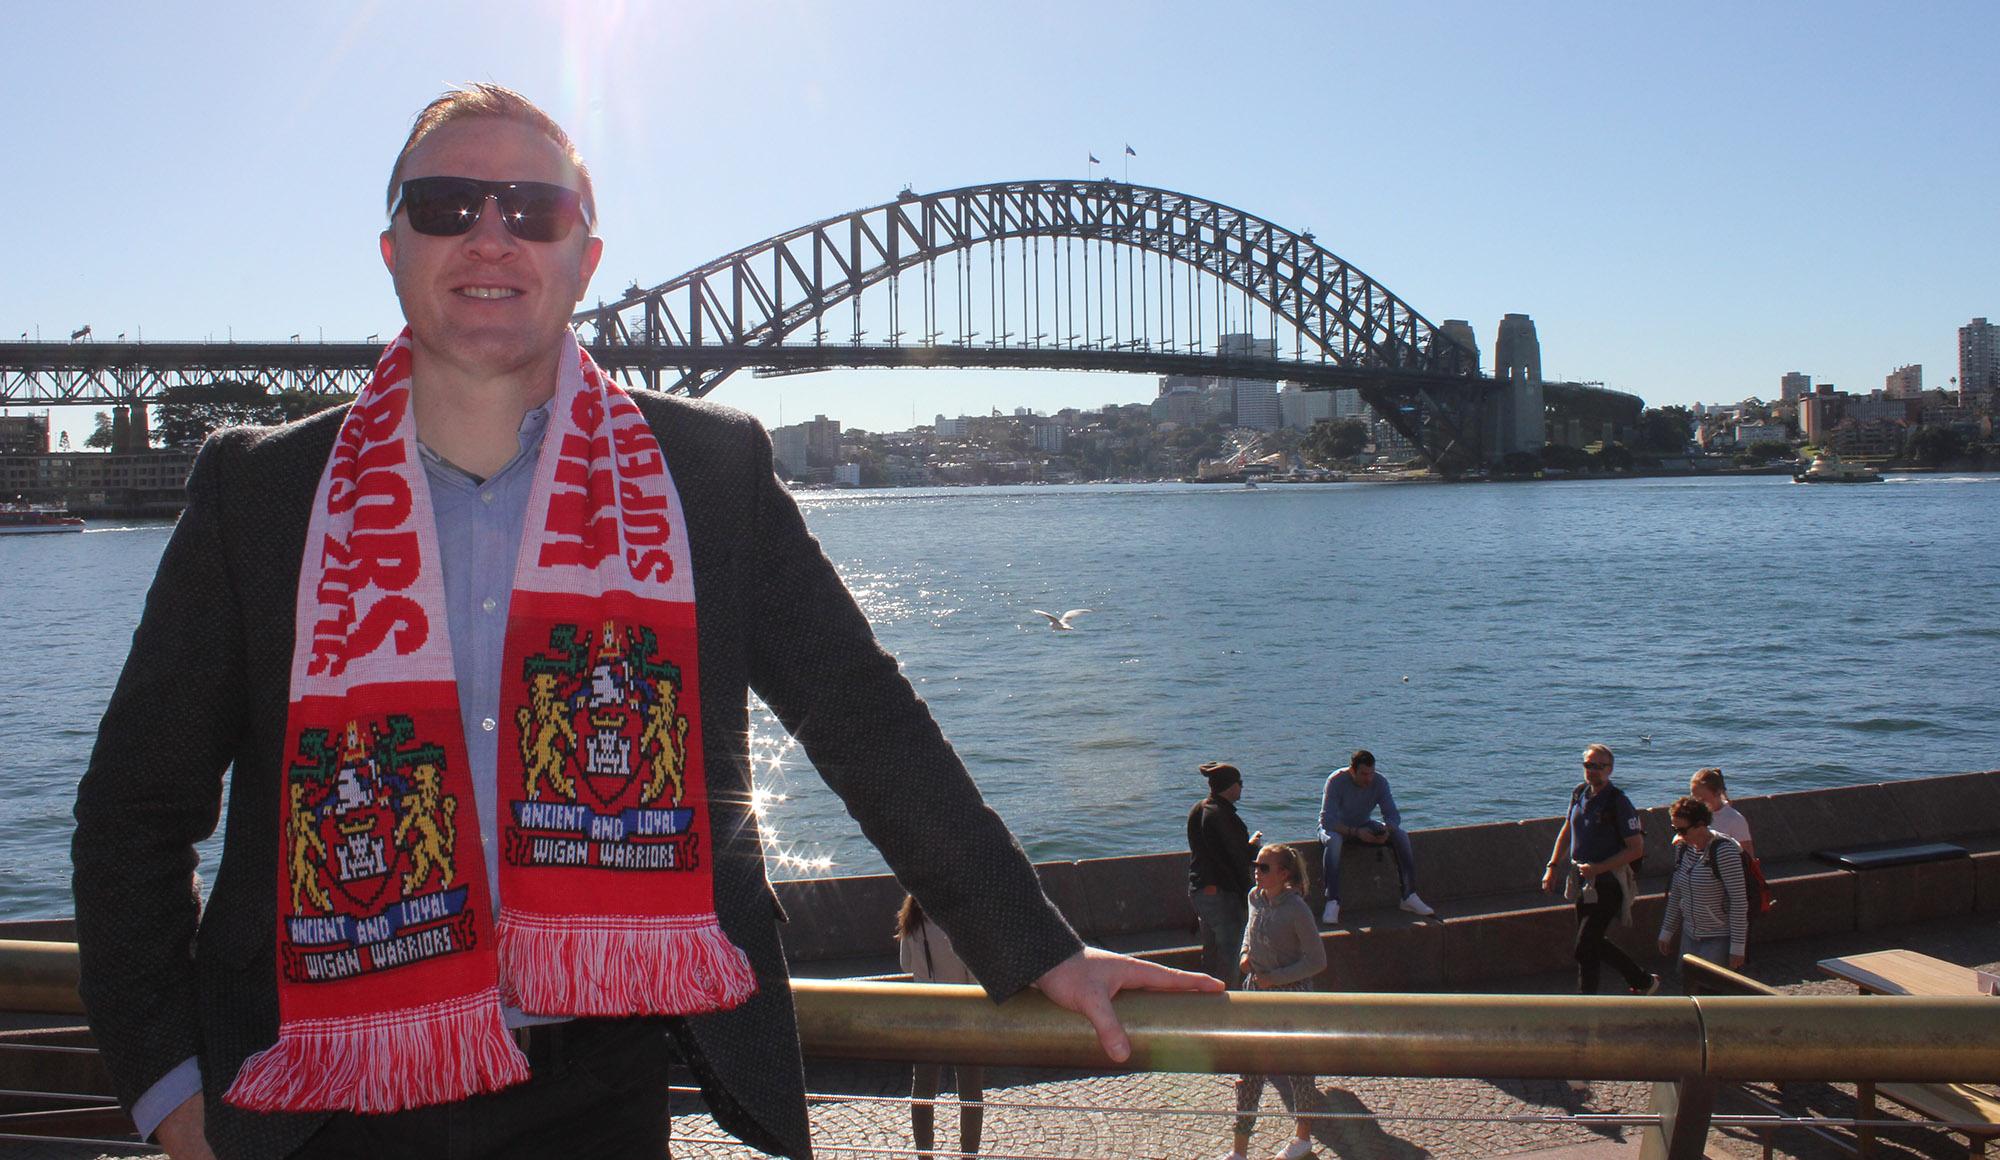 Kris Radlinski NSW Blog | News | Wigan Warriors